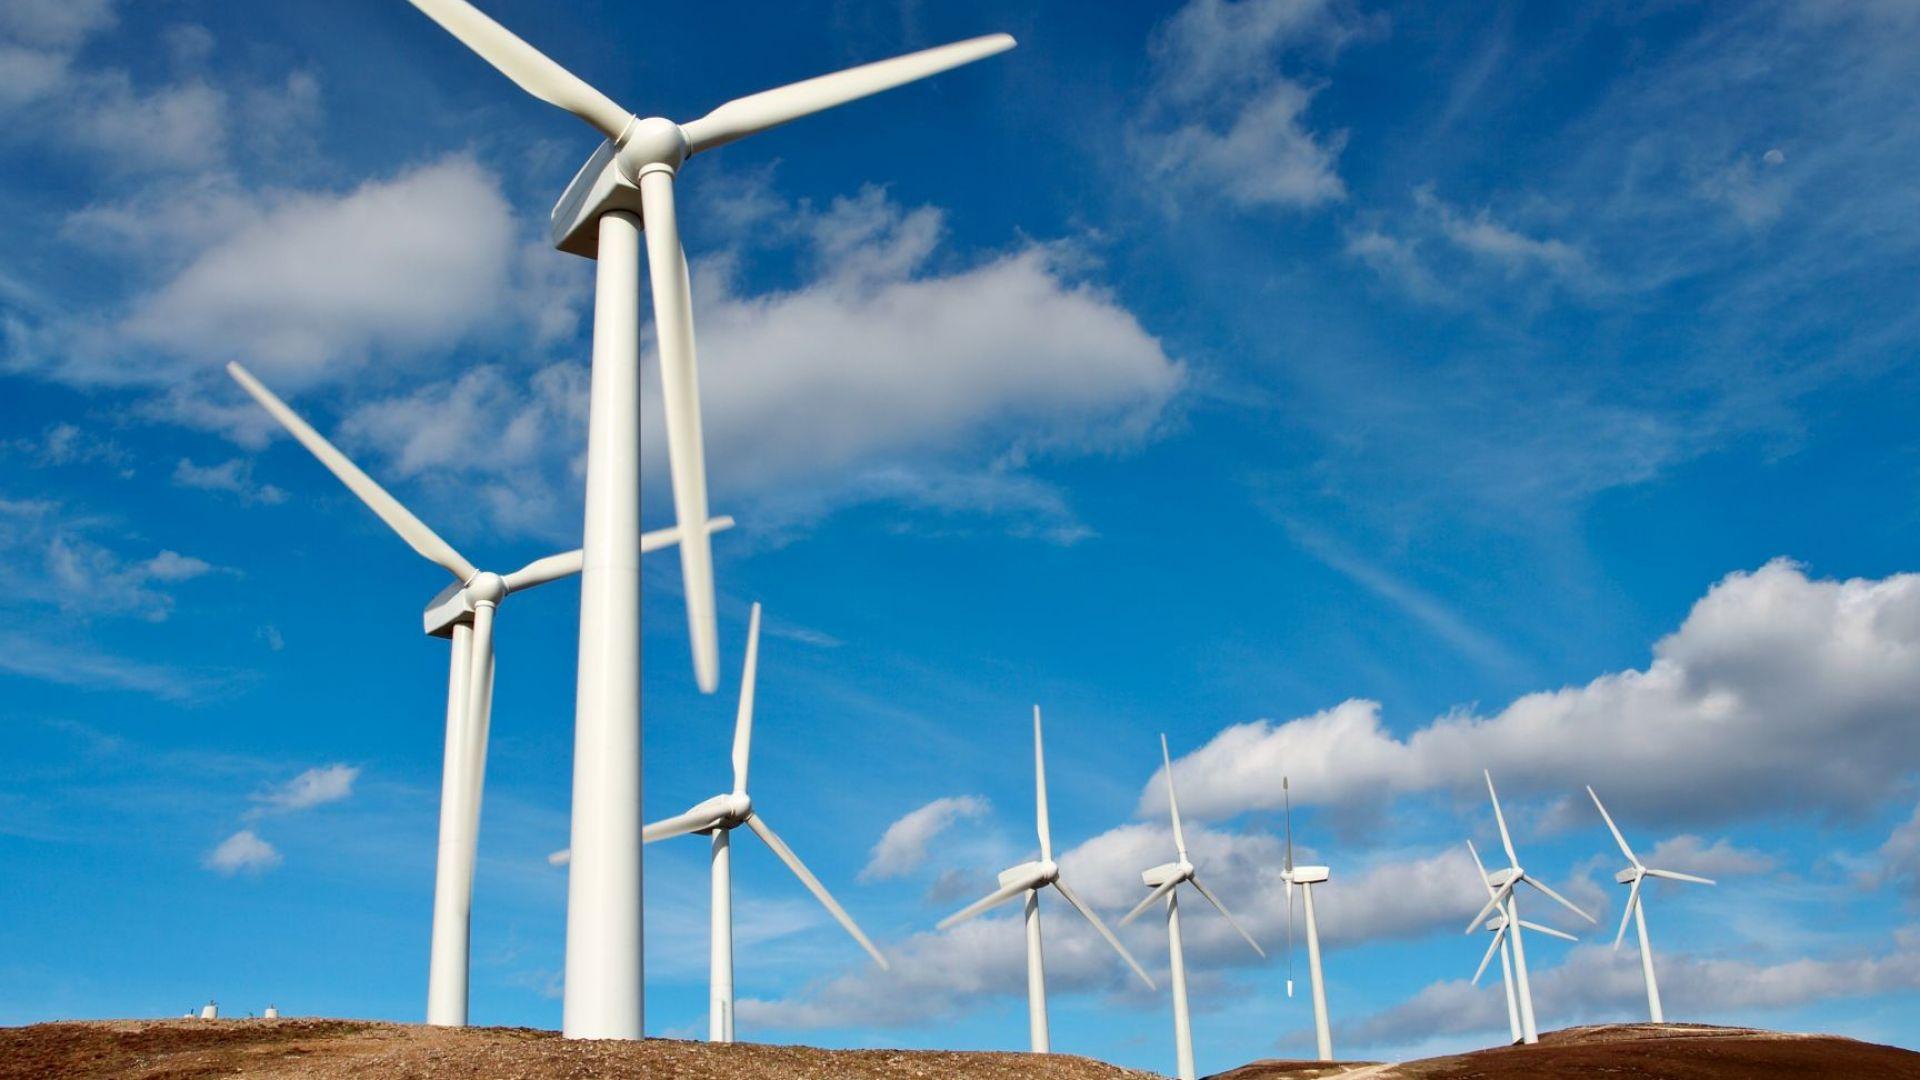 93 ГВт са новите вятърни мощности през 2020 г., 56% от тях са в Китай